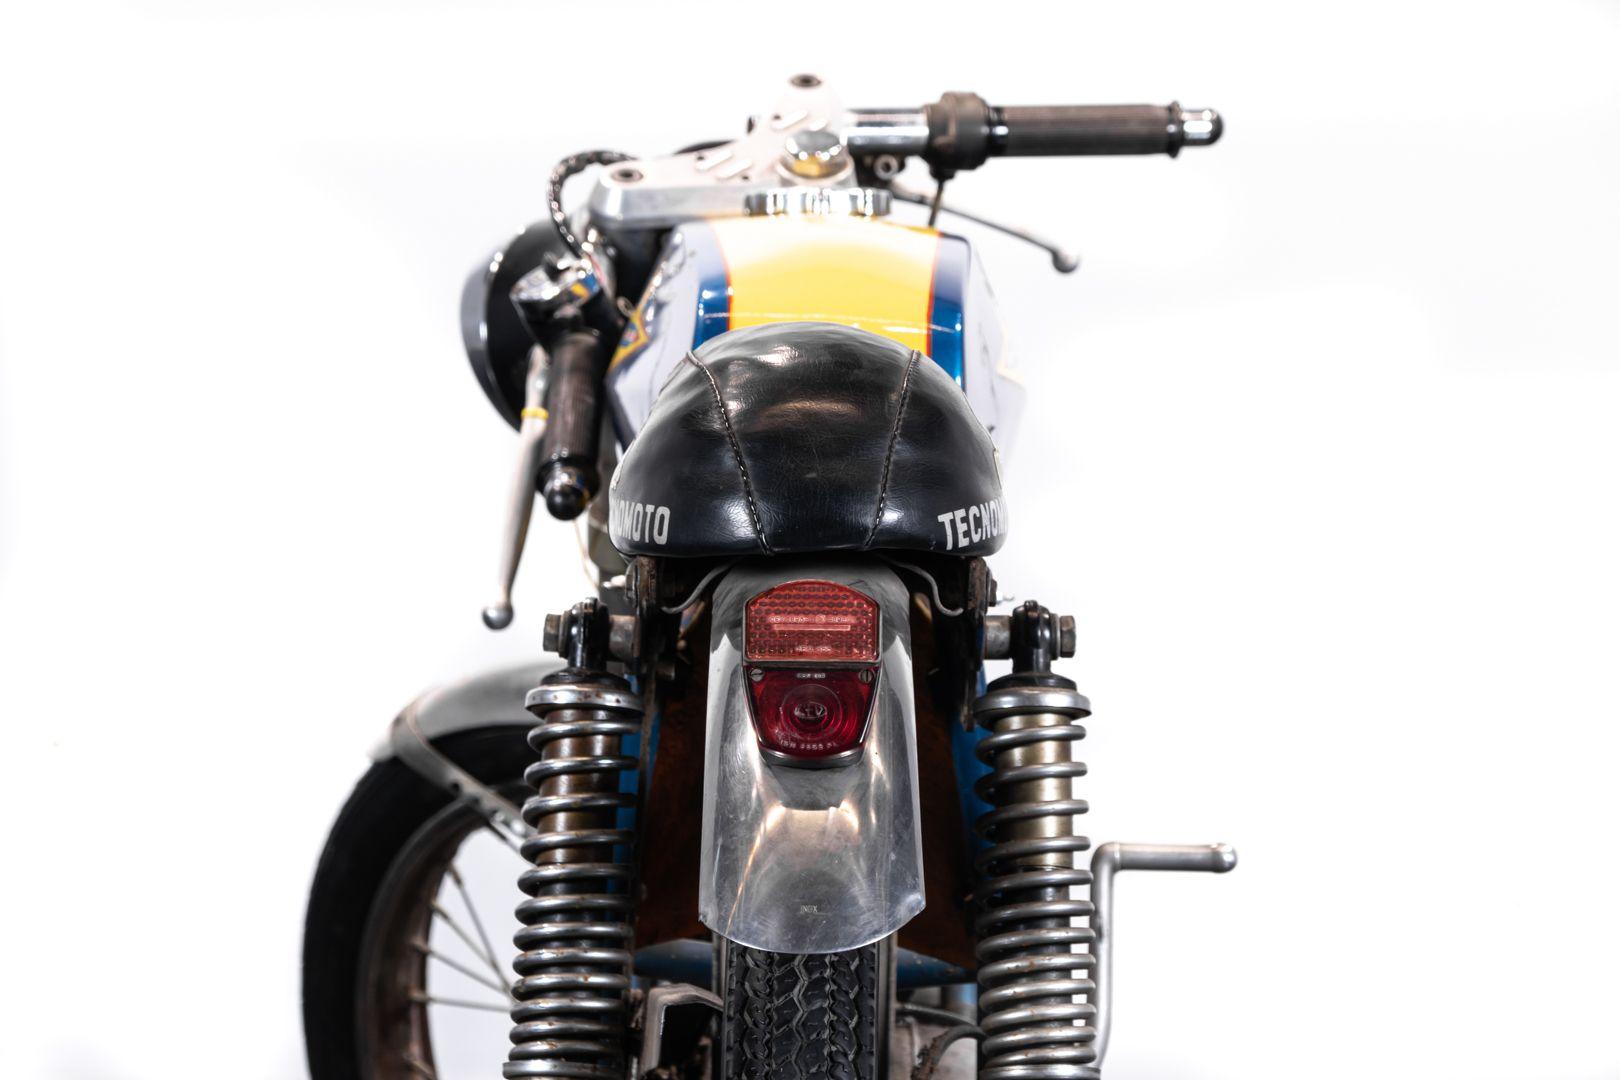 1972 Tecnomoto Squalo  72090